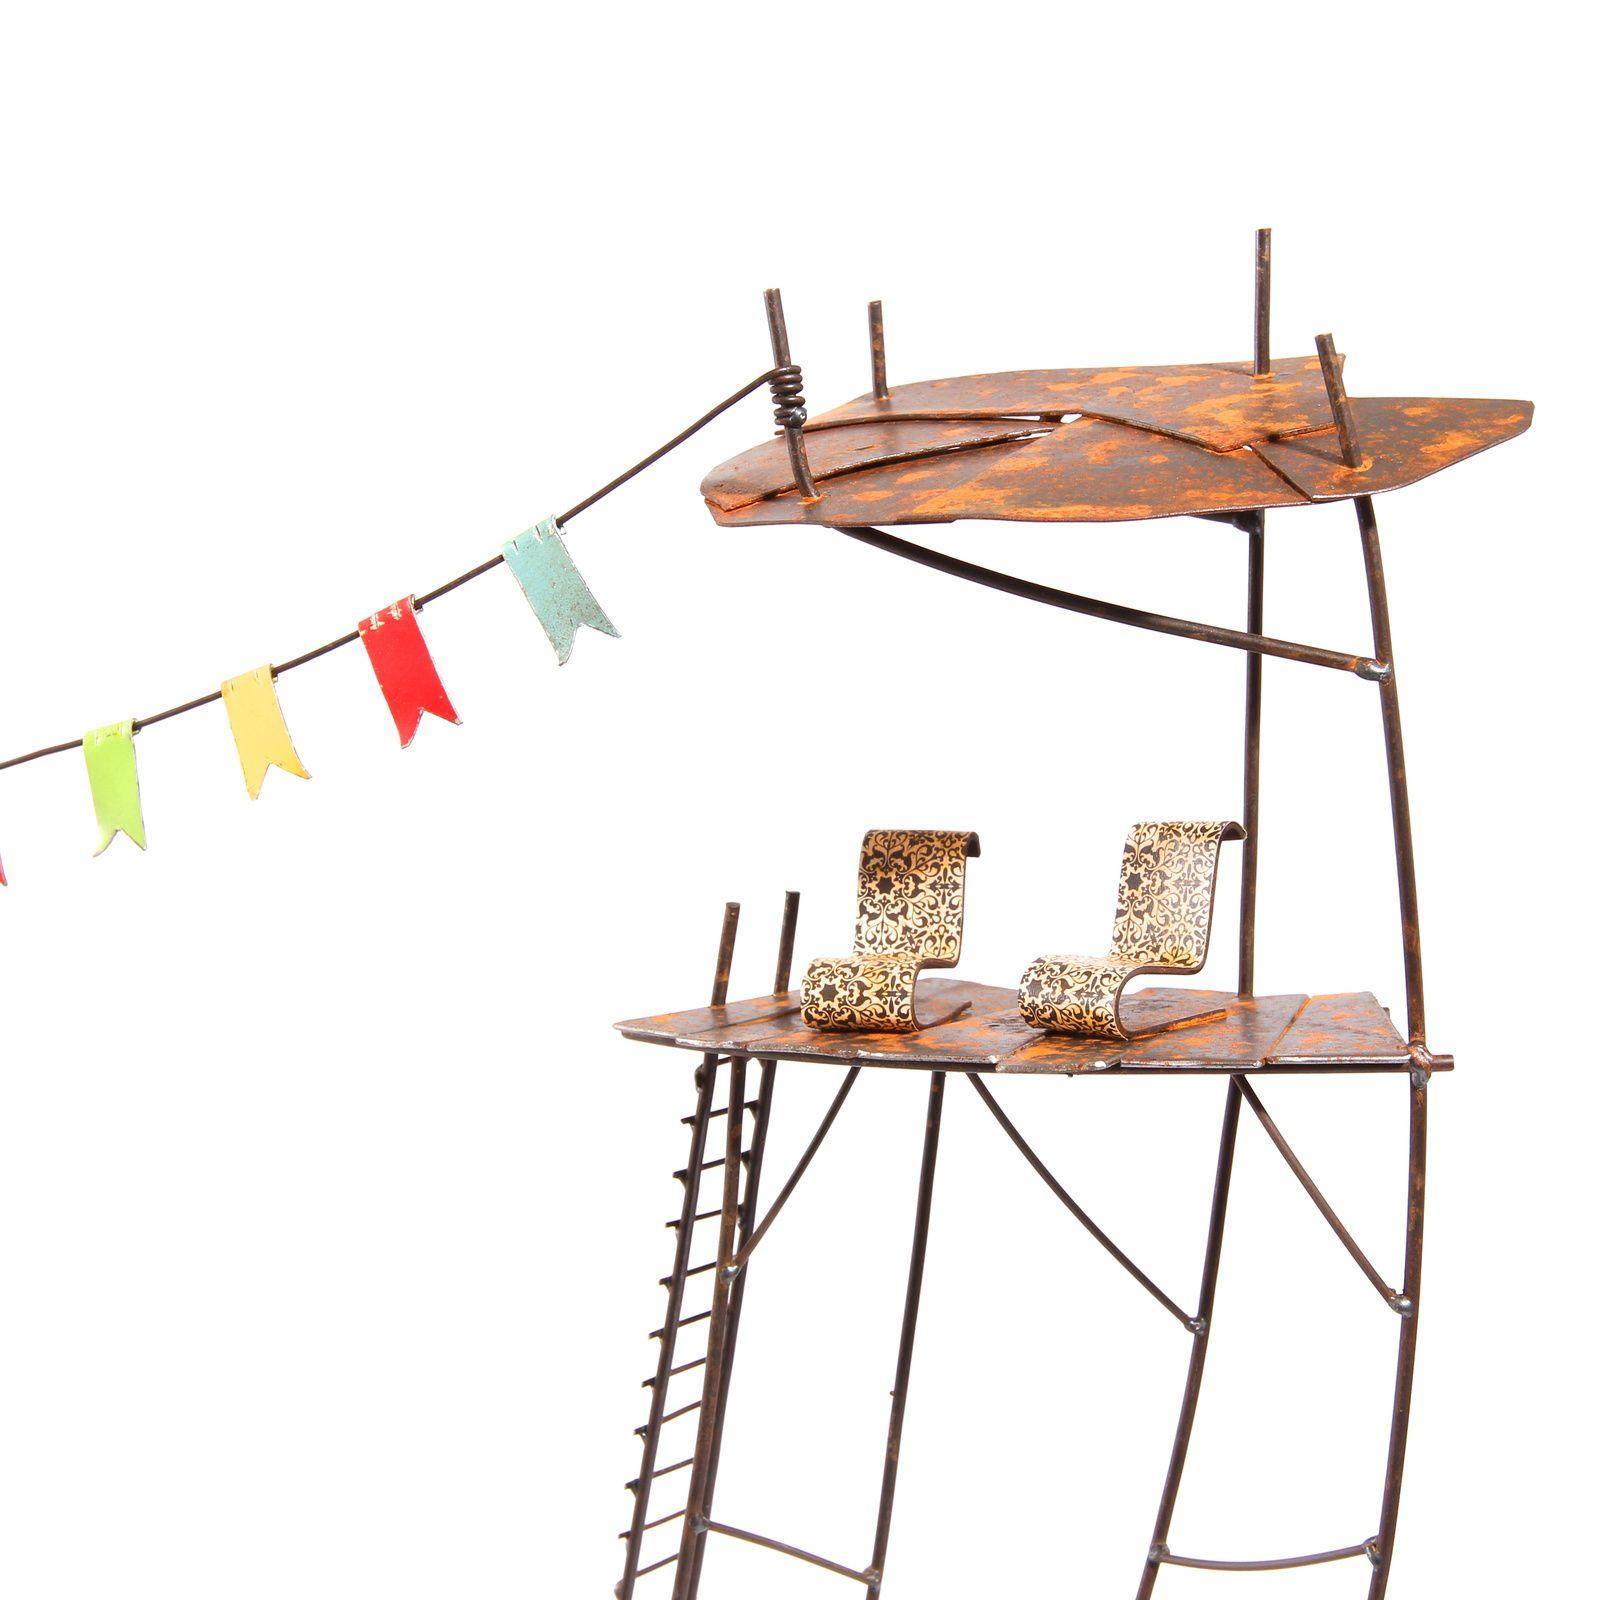 Le structuralisme. h: 90 cm. Tôle d'acier, fil de fer, papier, peinture.